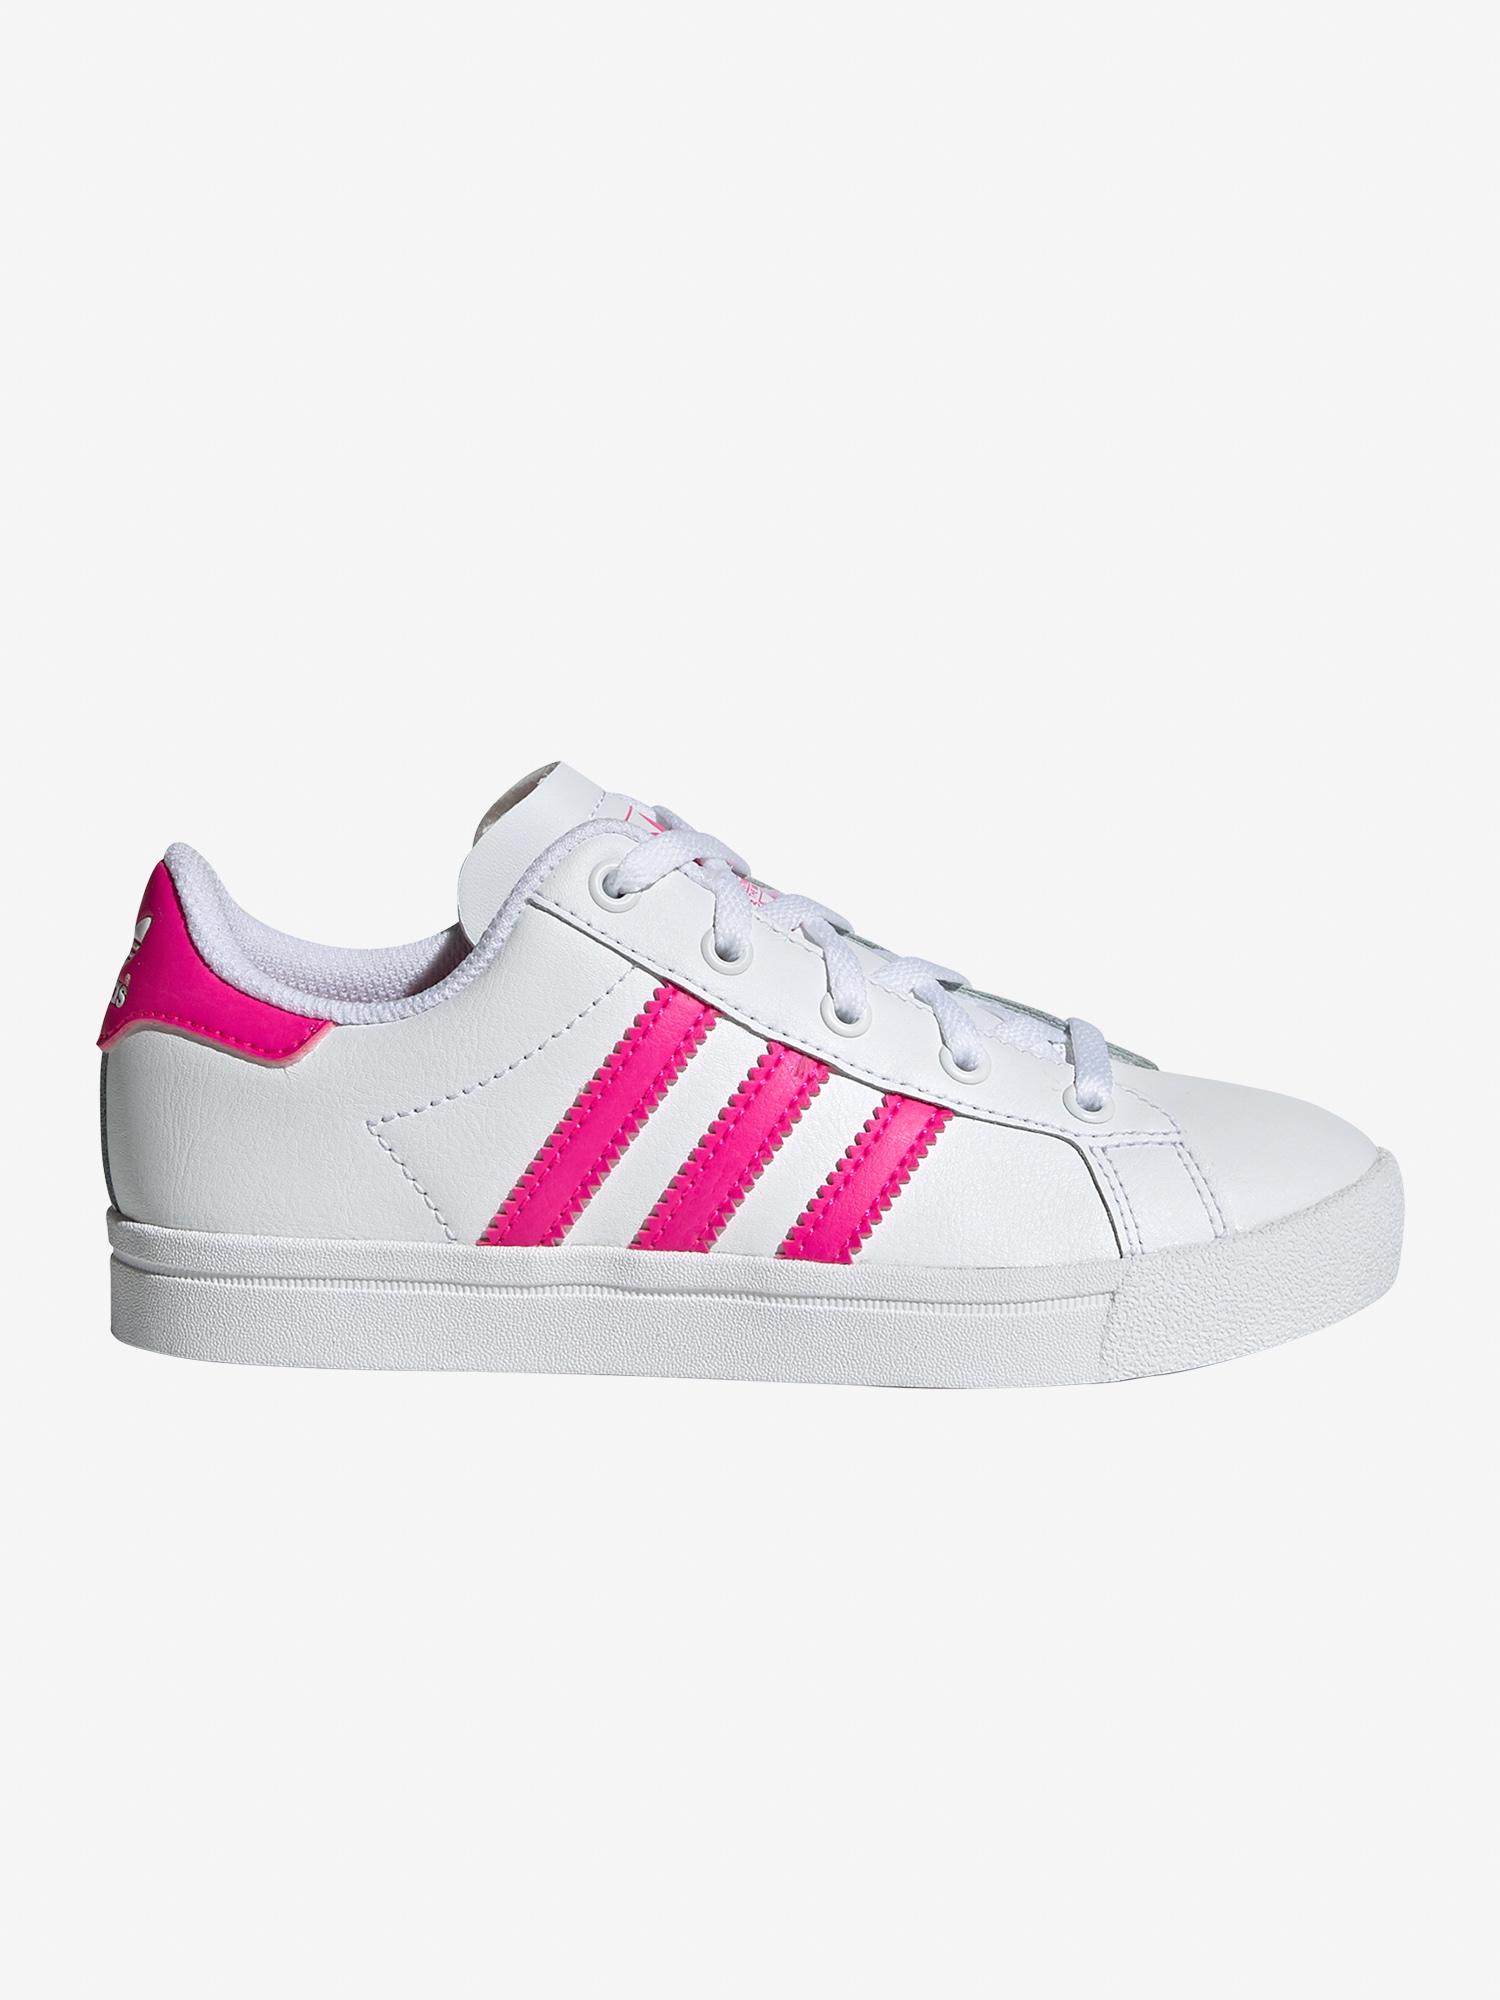 Adidas Originals Coast Star C Shoes